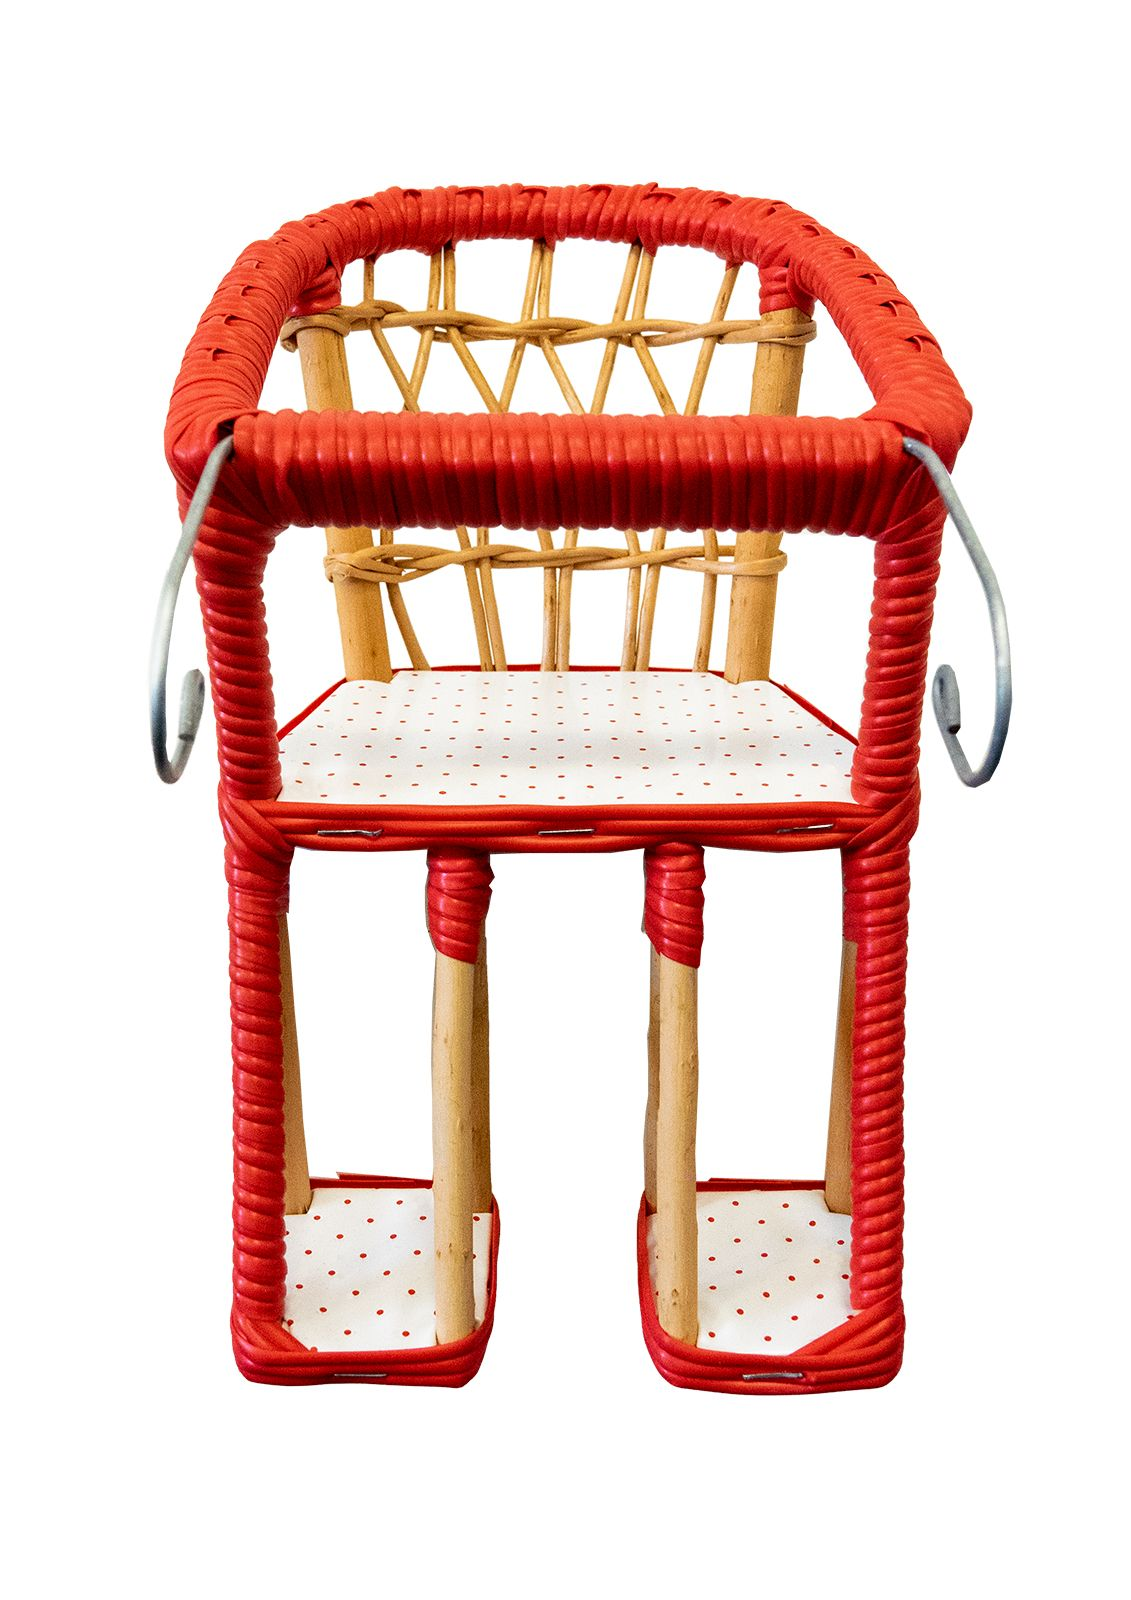 körbe, taschen, puppensitze/Kinderartikel: Aumüller  Puppensitz